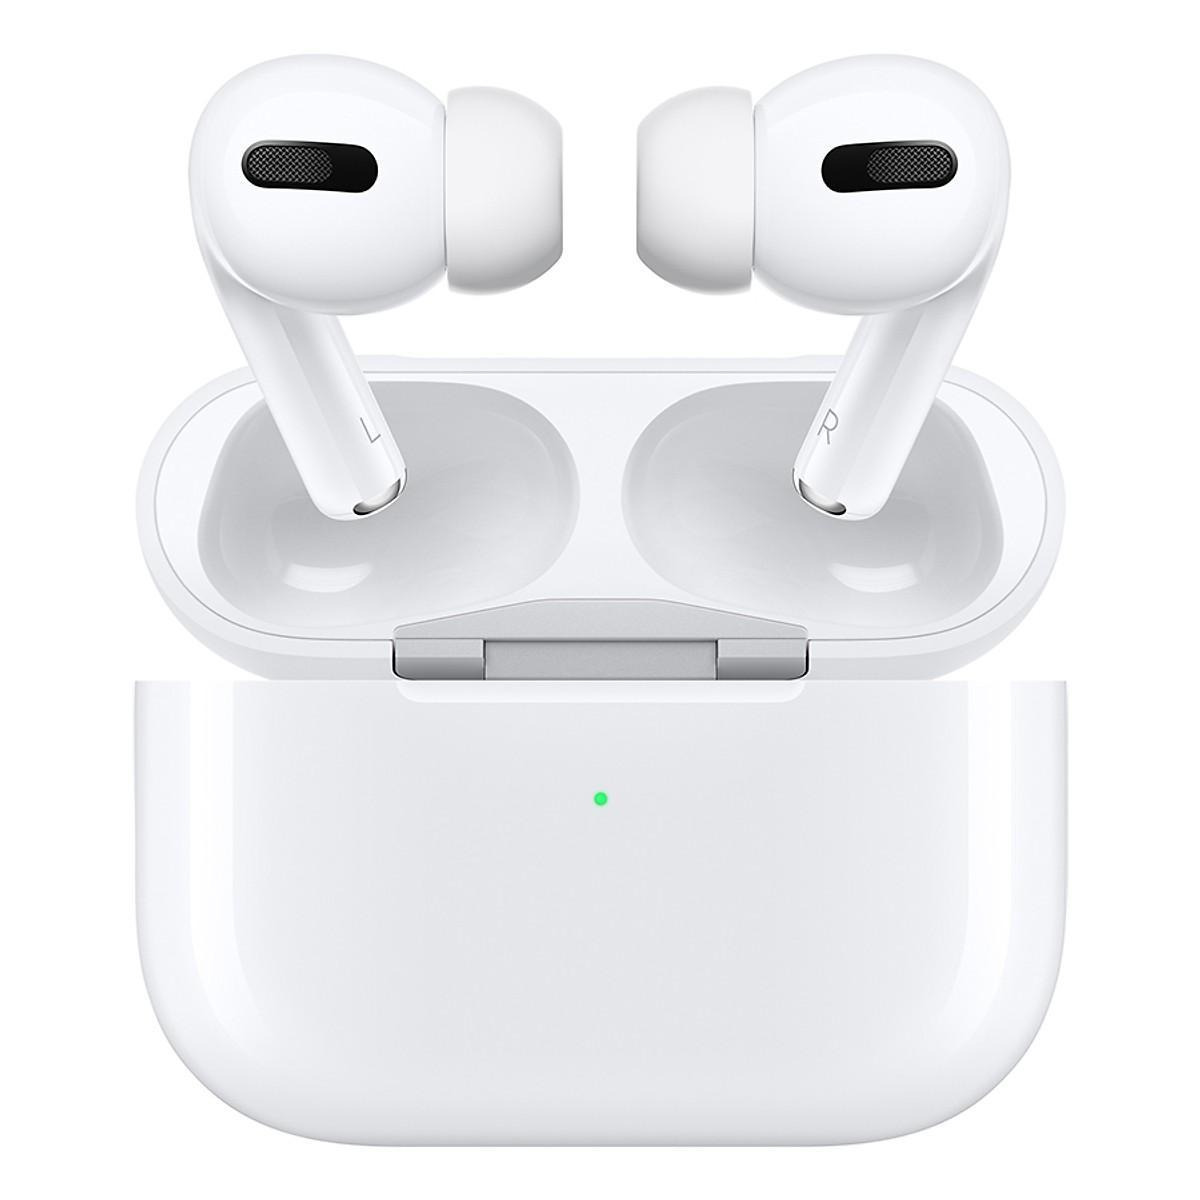 Tai Nghe Bluetooth Apple AirPods Pro True Wireless - MWP22 - Hàng Nhập Khẩu